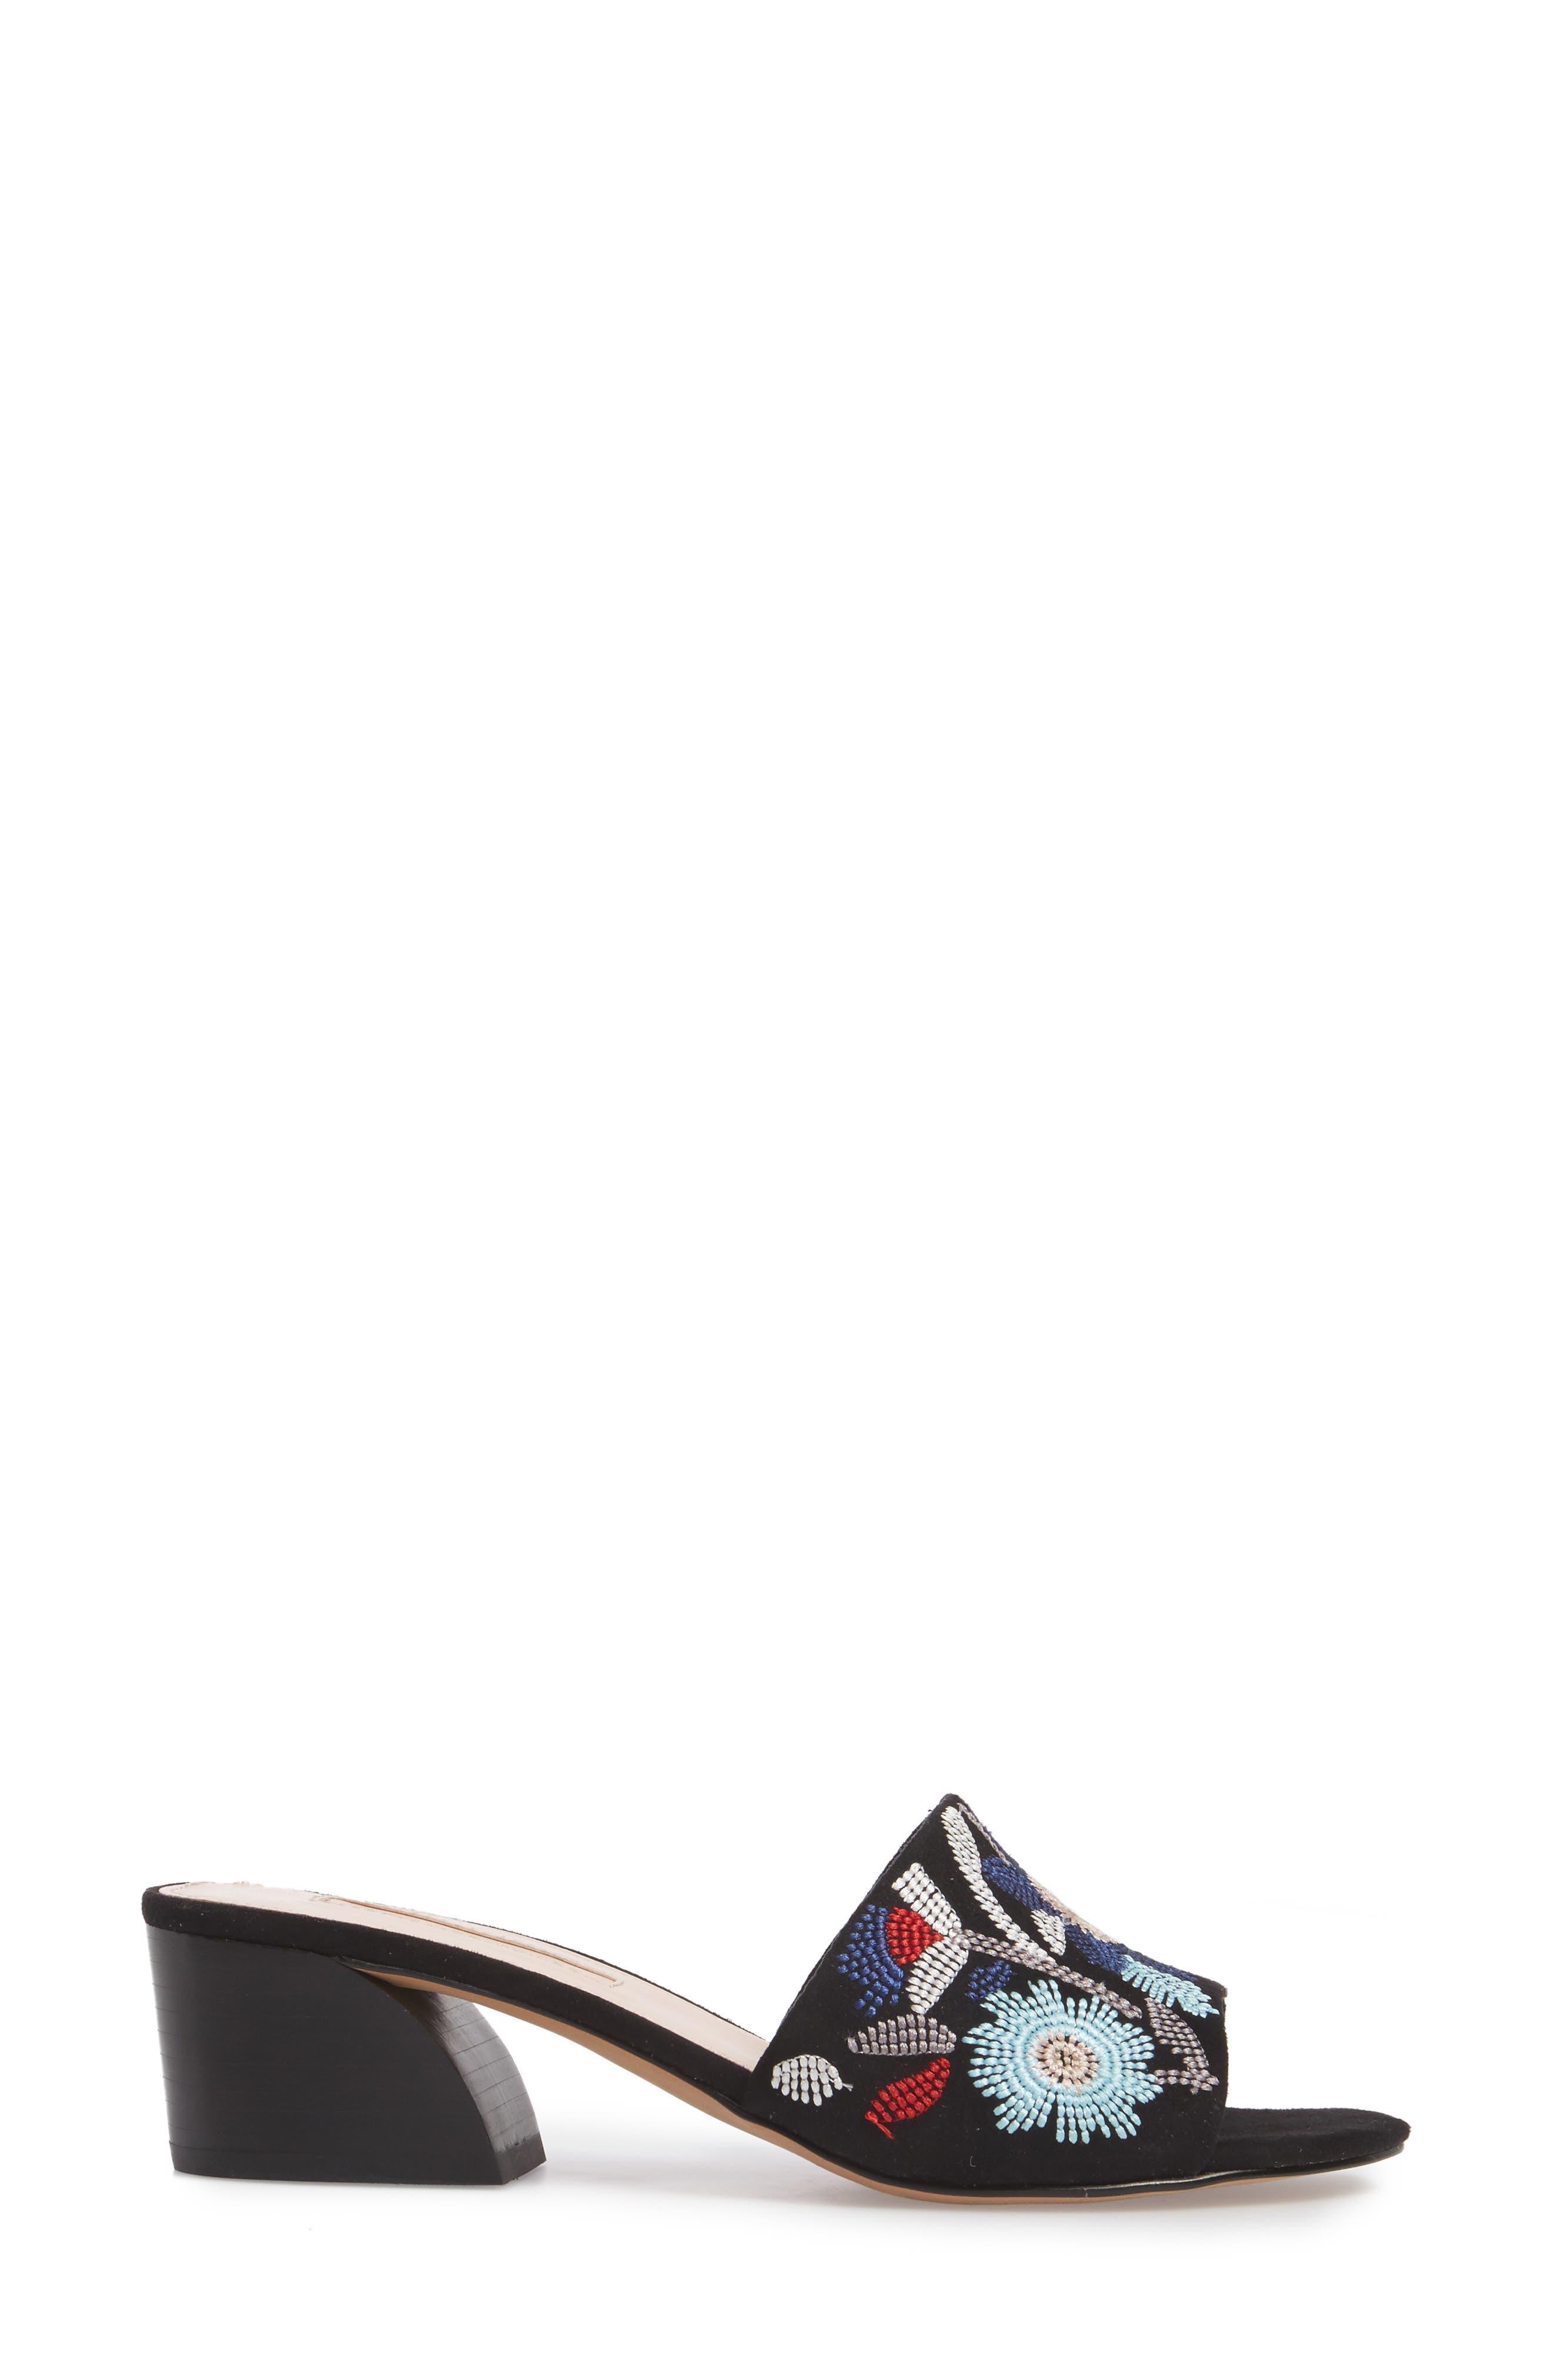 Sloane Sandal,                             Alternate thumbnail 3, color,                             Black Multi Fabric